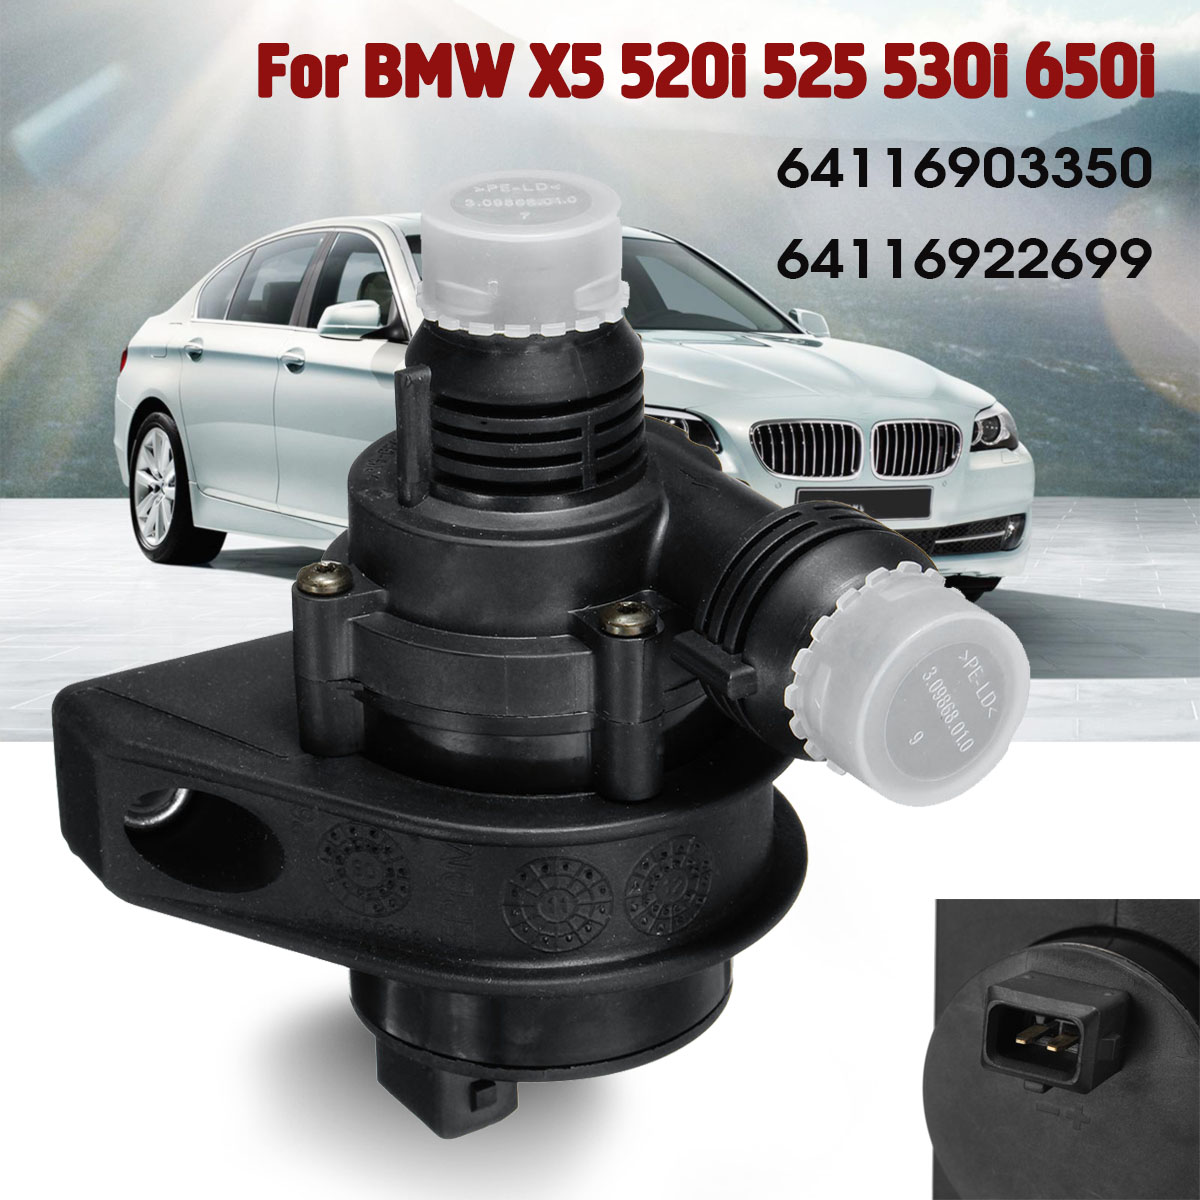 Охлаждения двигателя автомобиля Электрический дополнительные вспомогательный водяной насос для BMW 5 6 серии X5 E53 E64 E60 64116903350 64116922699